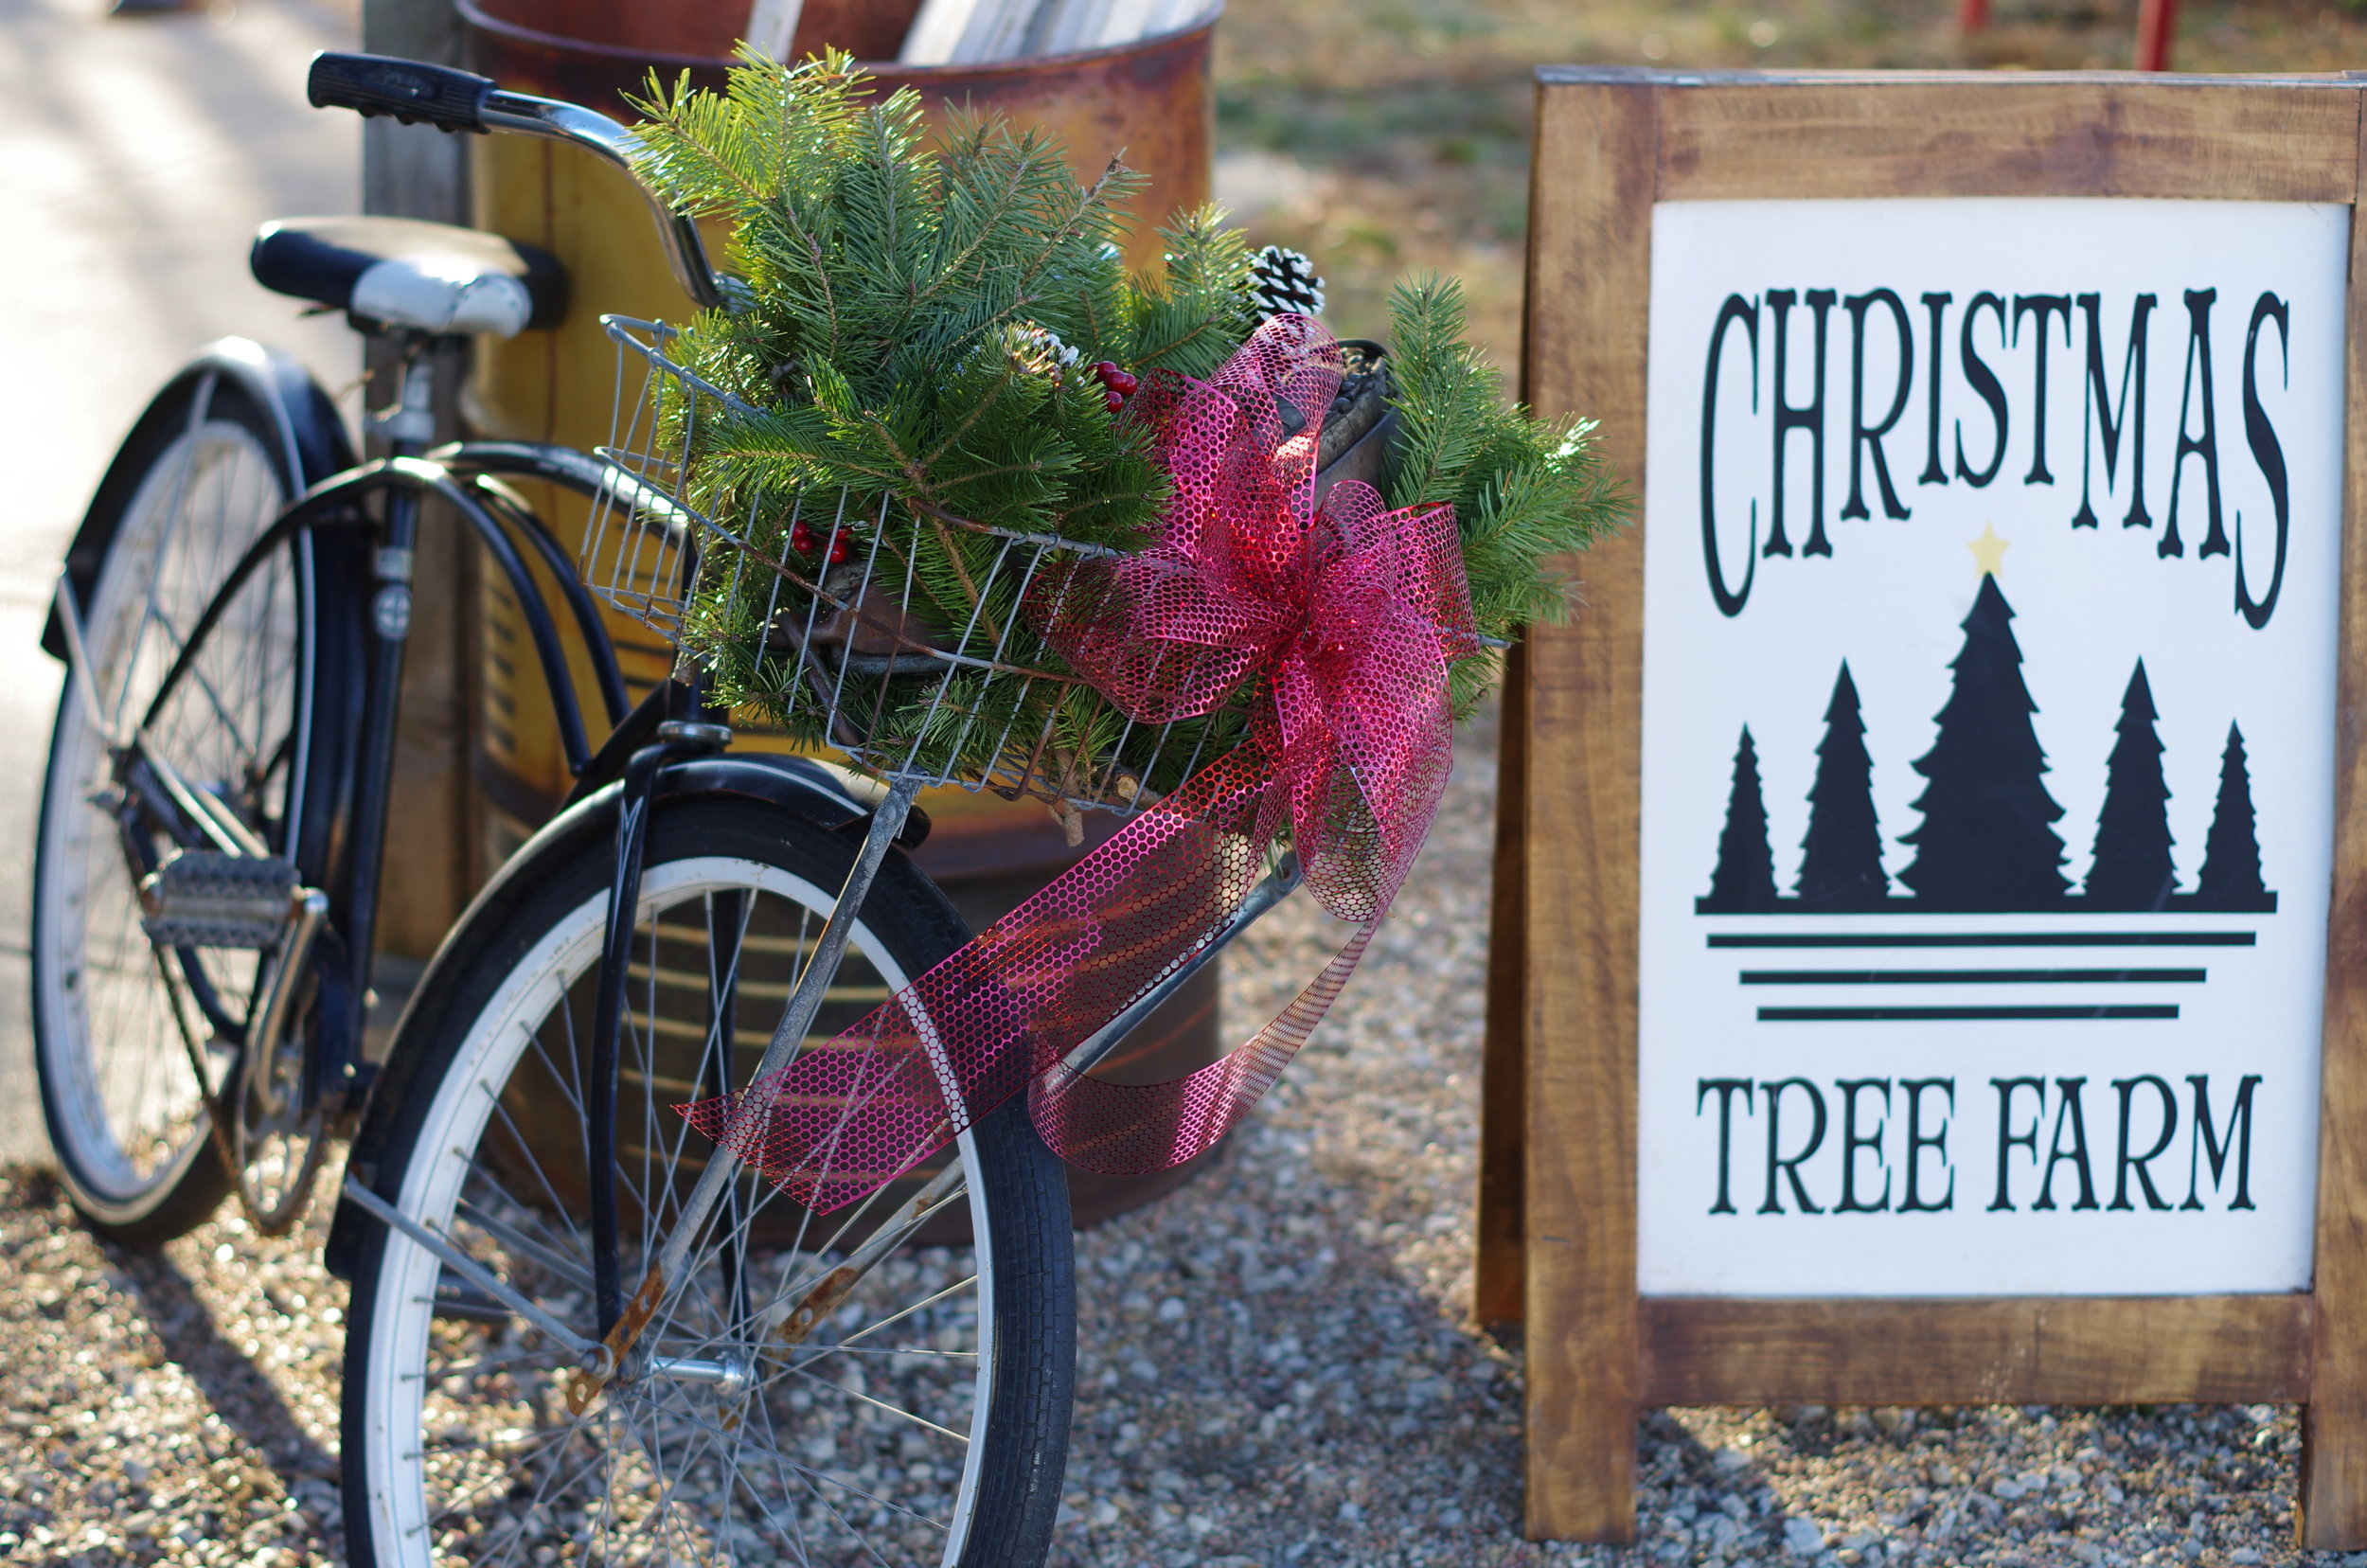 nordstroms tree farm rustic farm charm - Nordstrom Christmas Hours